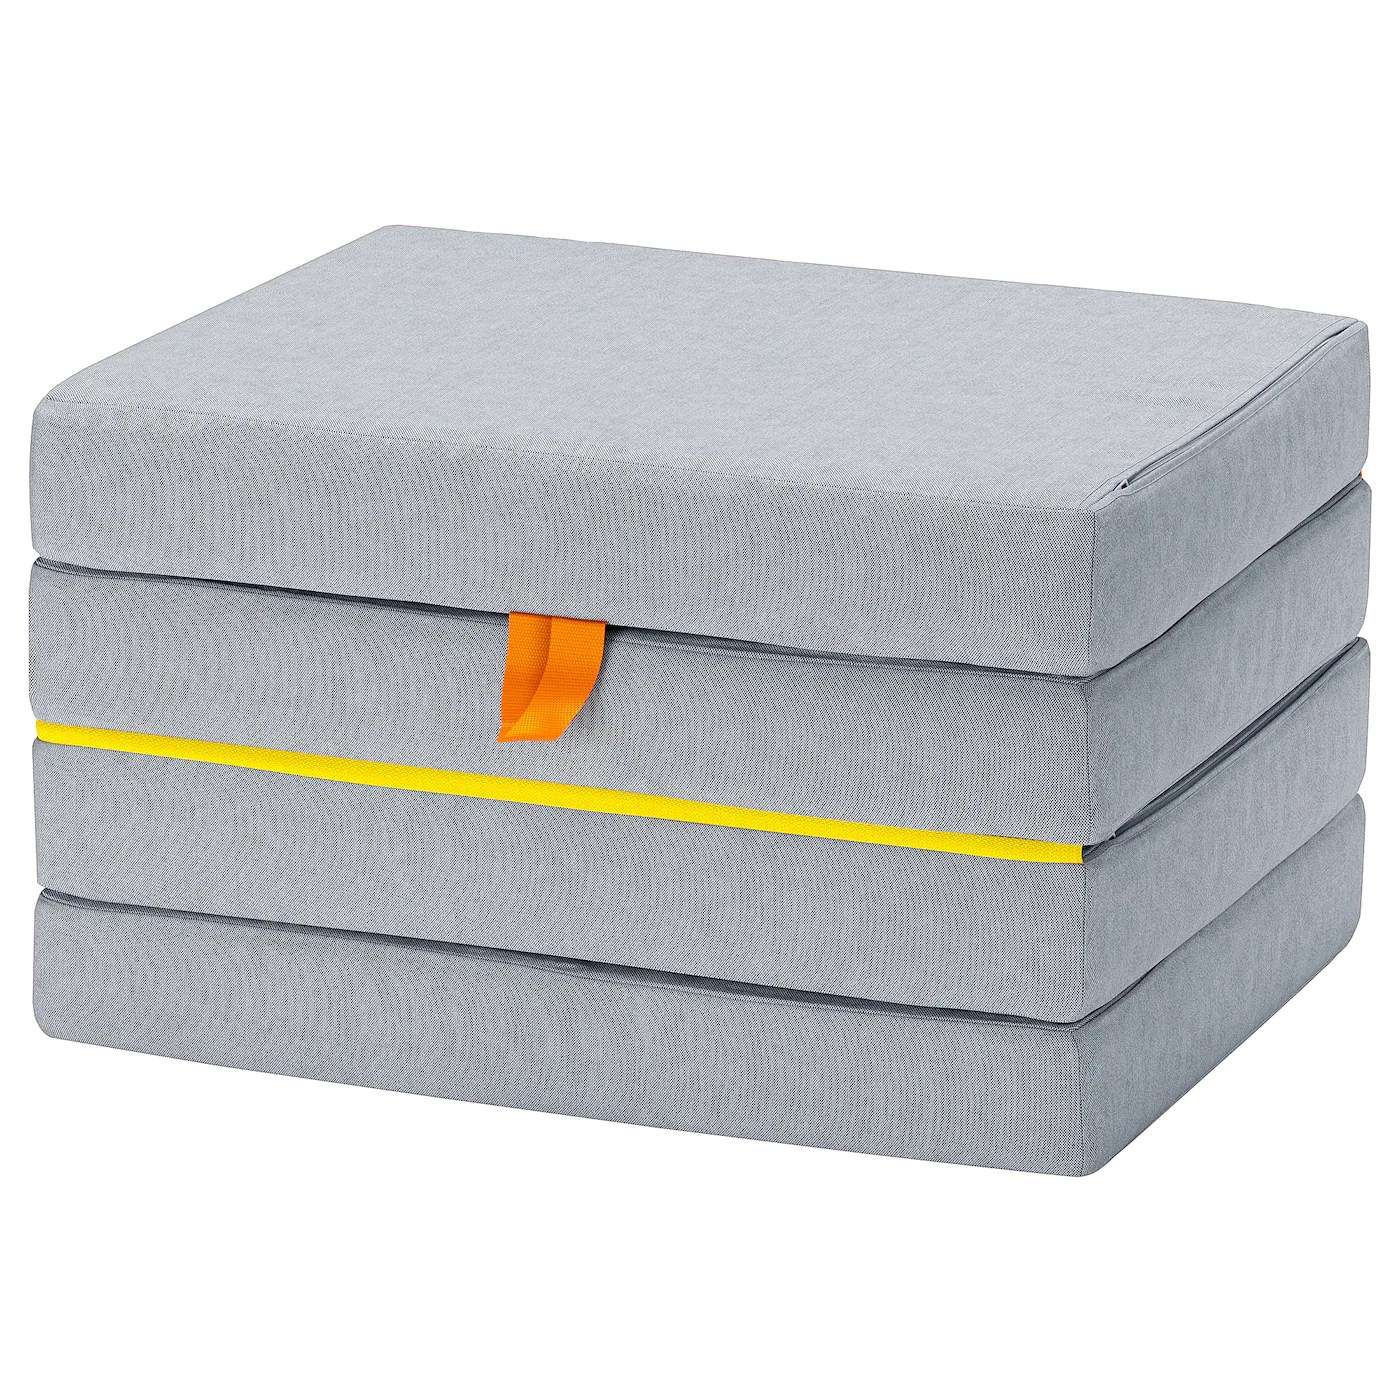 Slakt Pouffe Mattress Foldable Ikea Switzerland